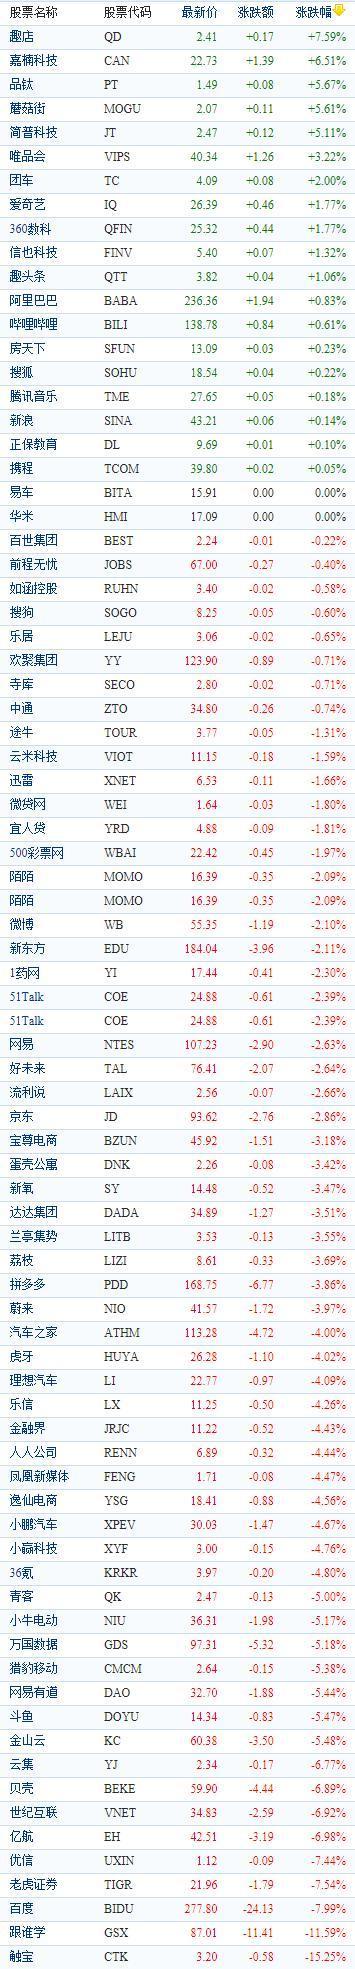 中国概念股周三收盘涨跌互现 逸仙电商下跌4.56%